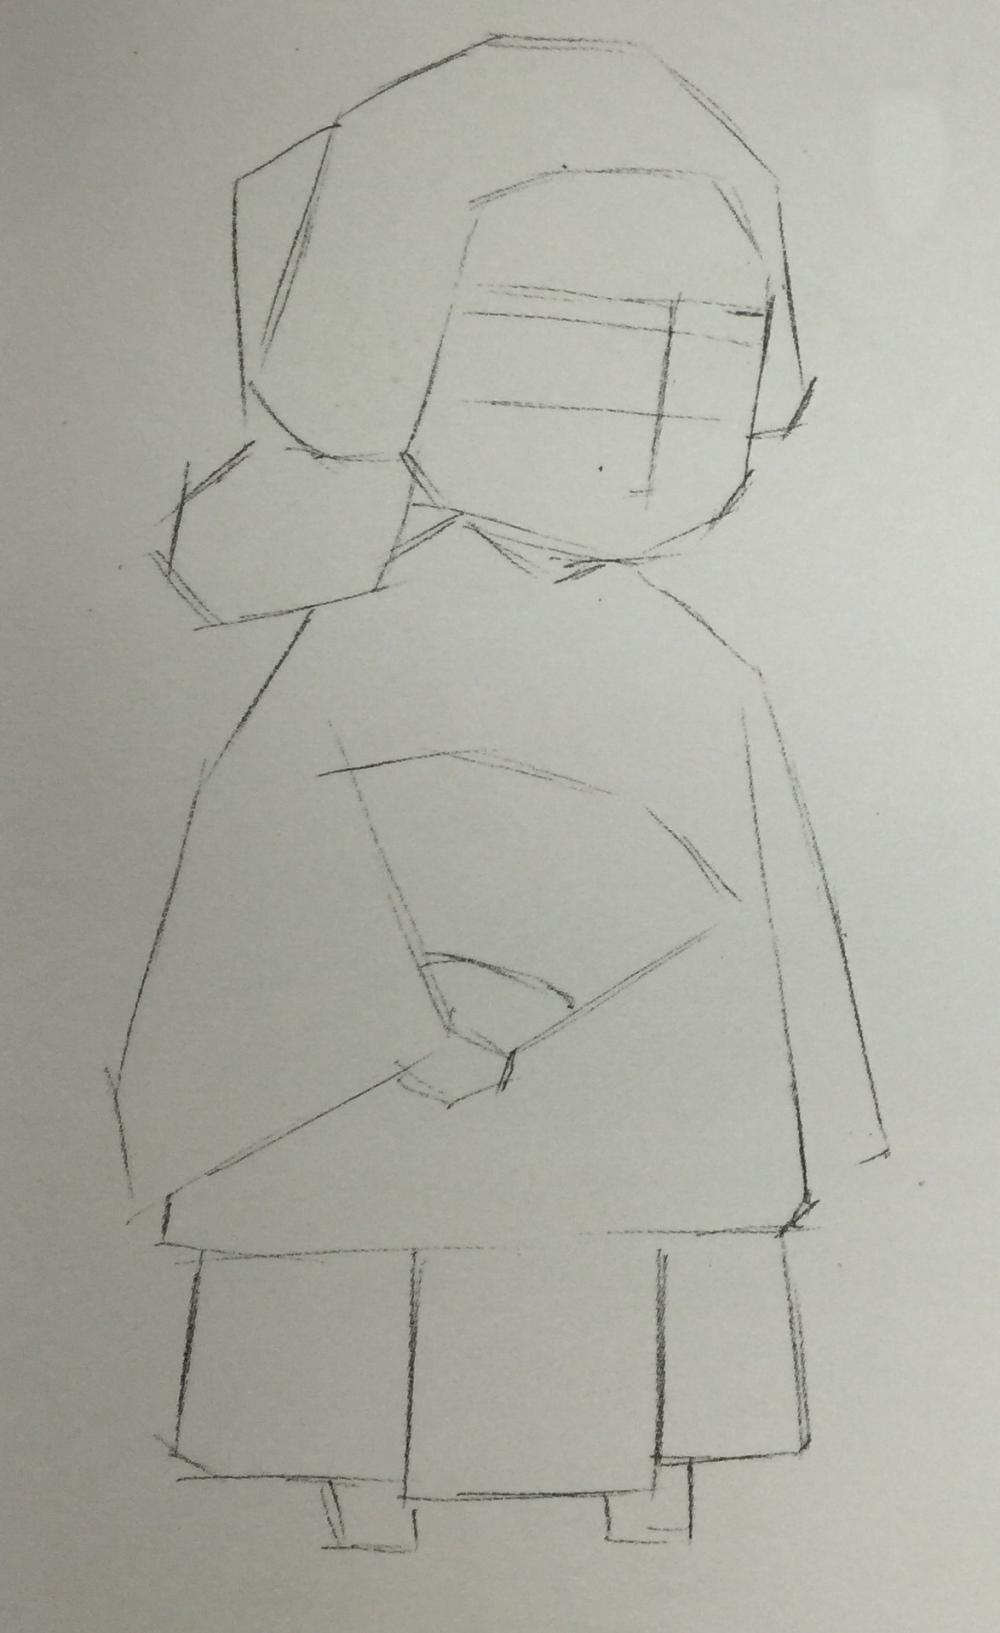 1,起线稿,用铅笔画单线勾出女孩的身体轮廓,并在面部定出五官位置.